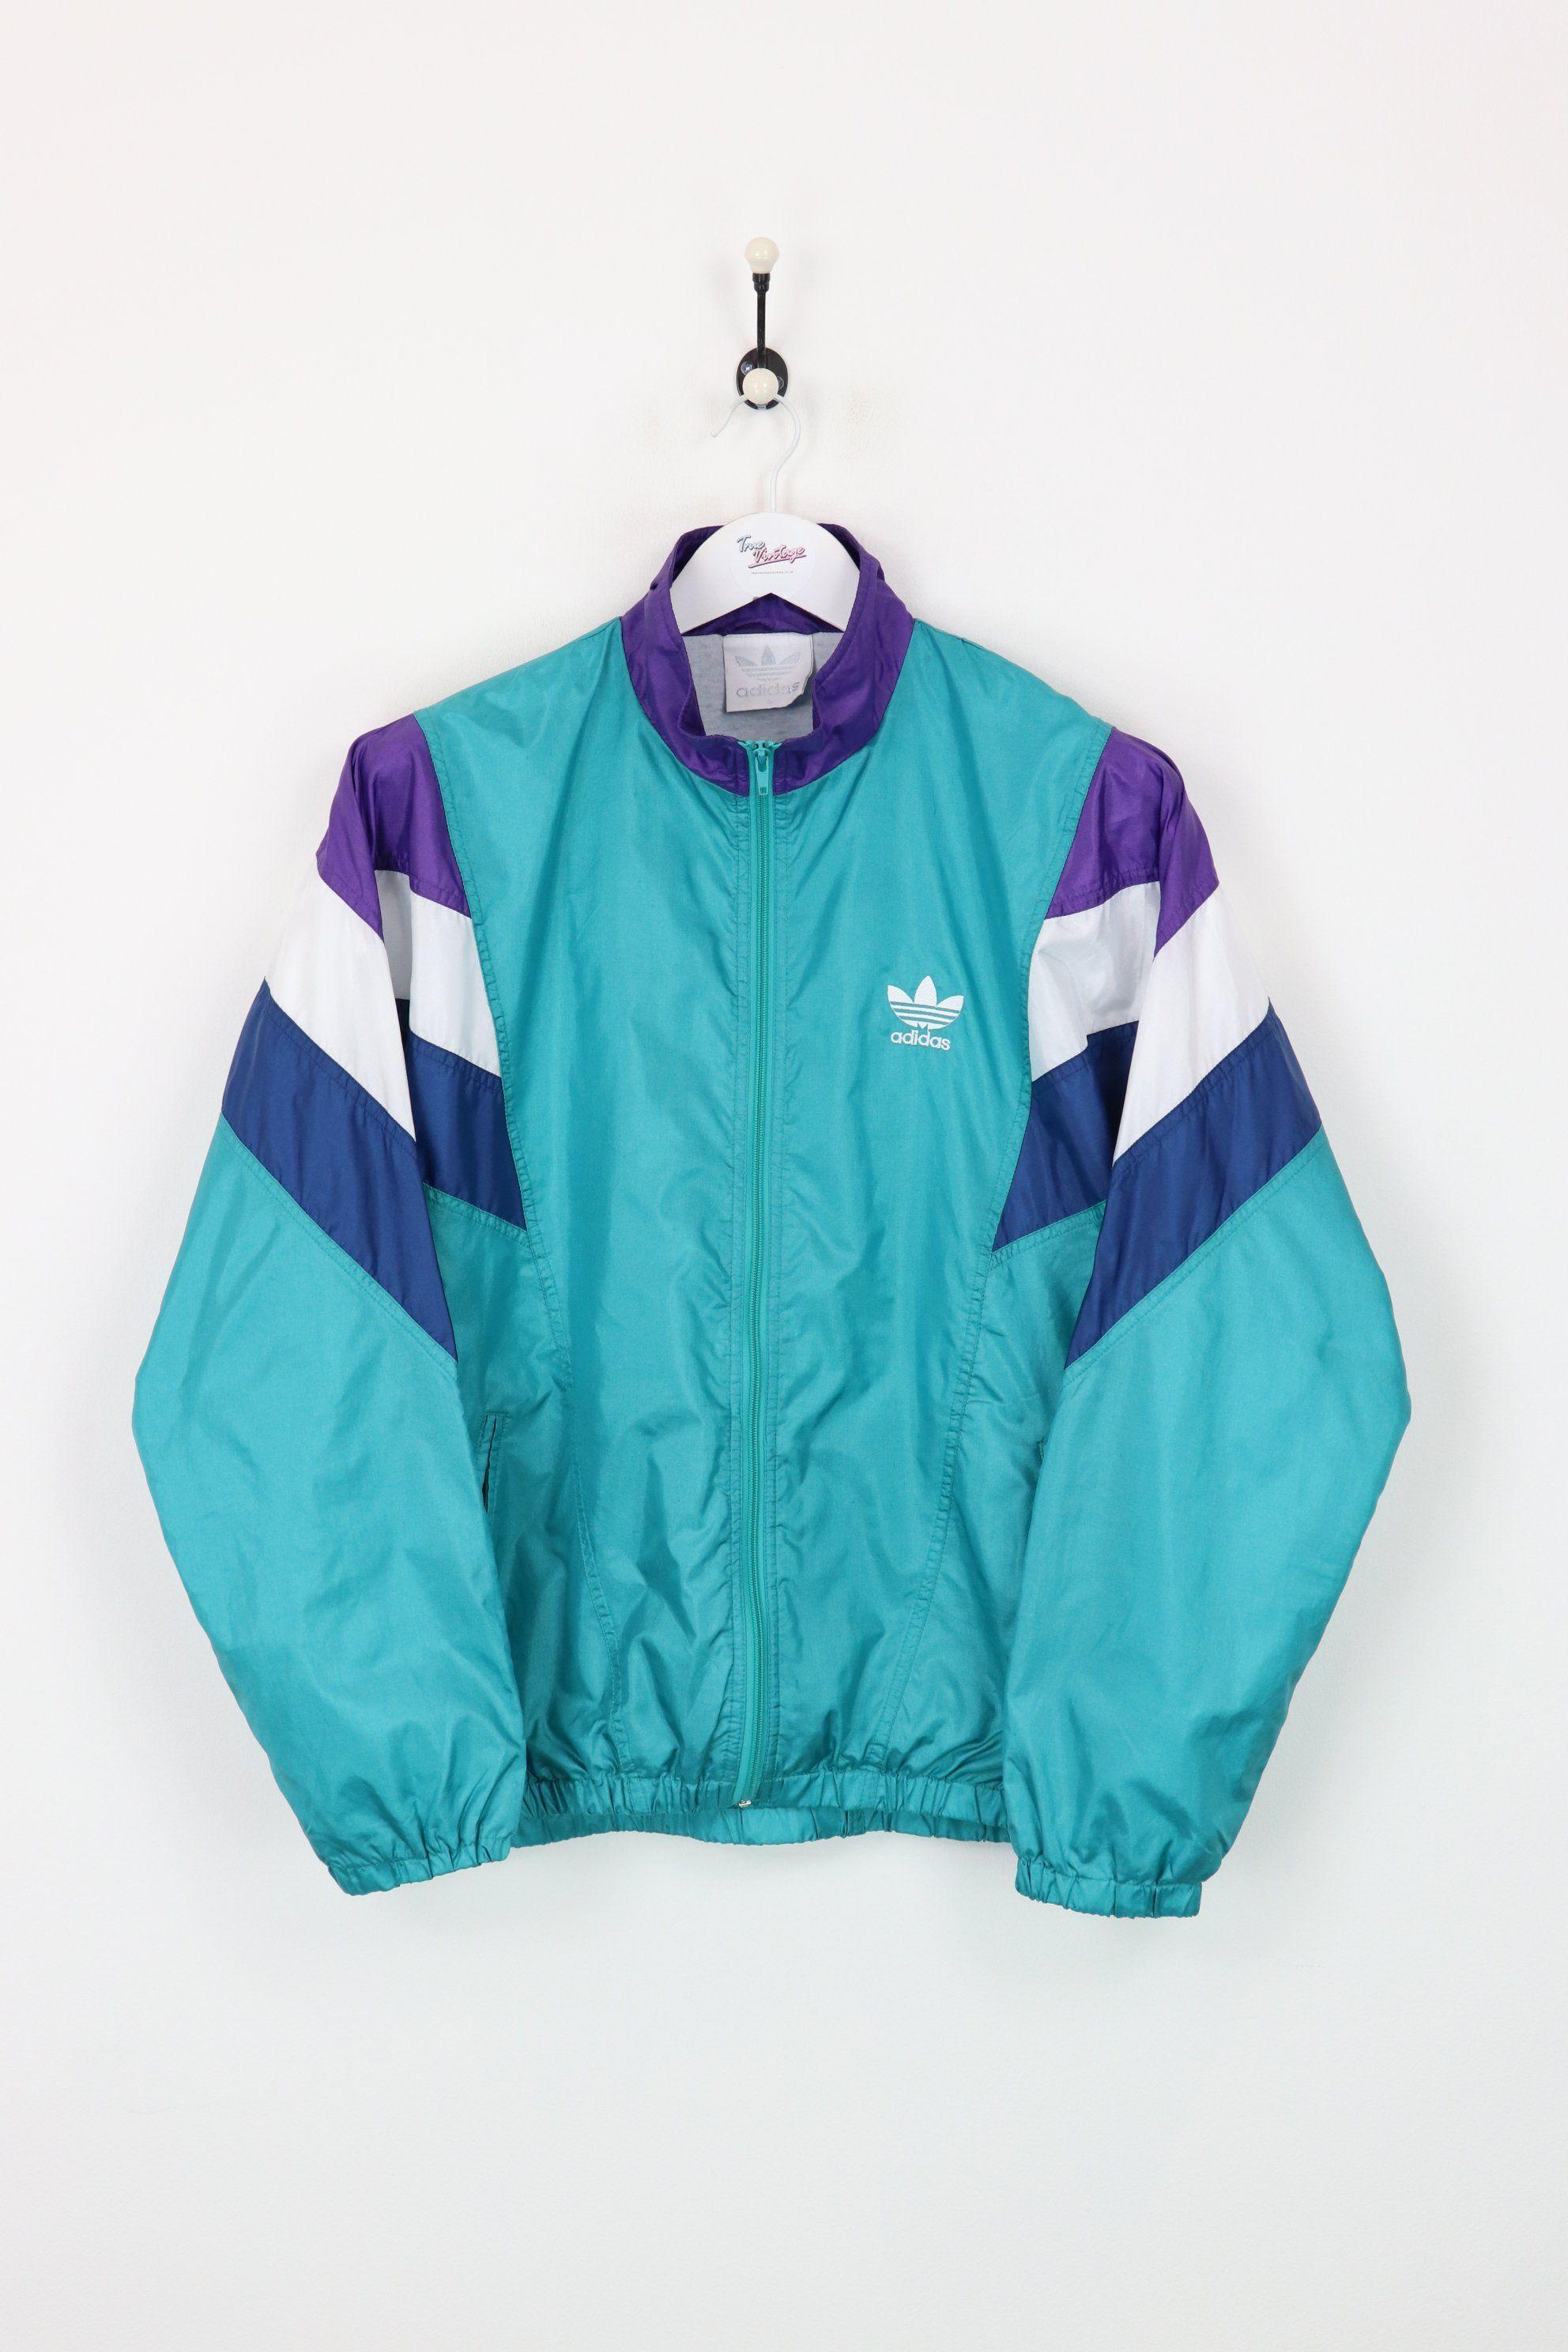 vintage adidas shell suit jacket